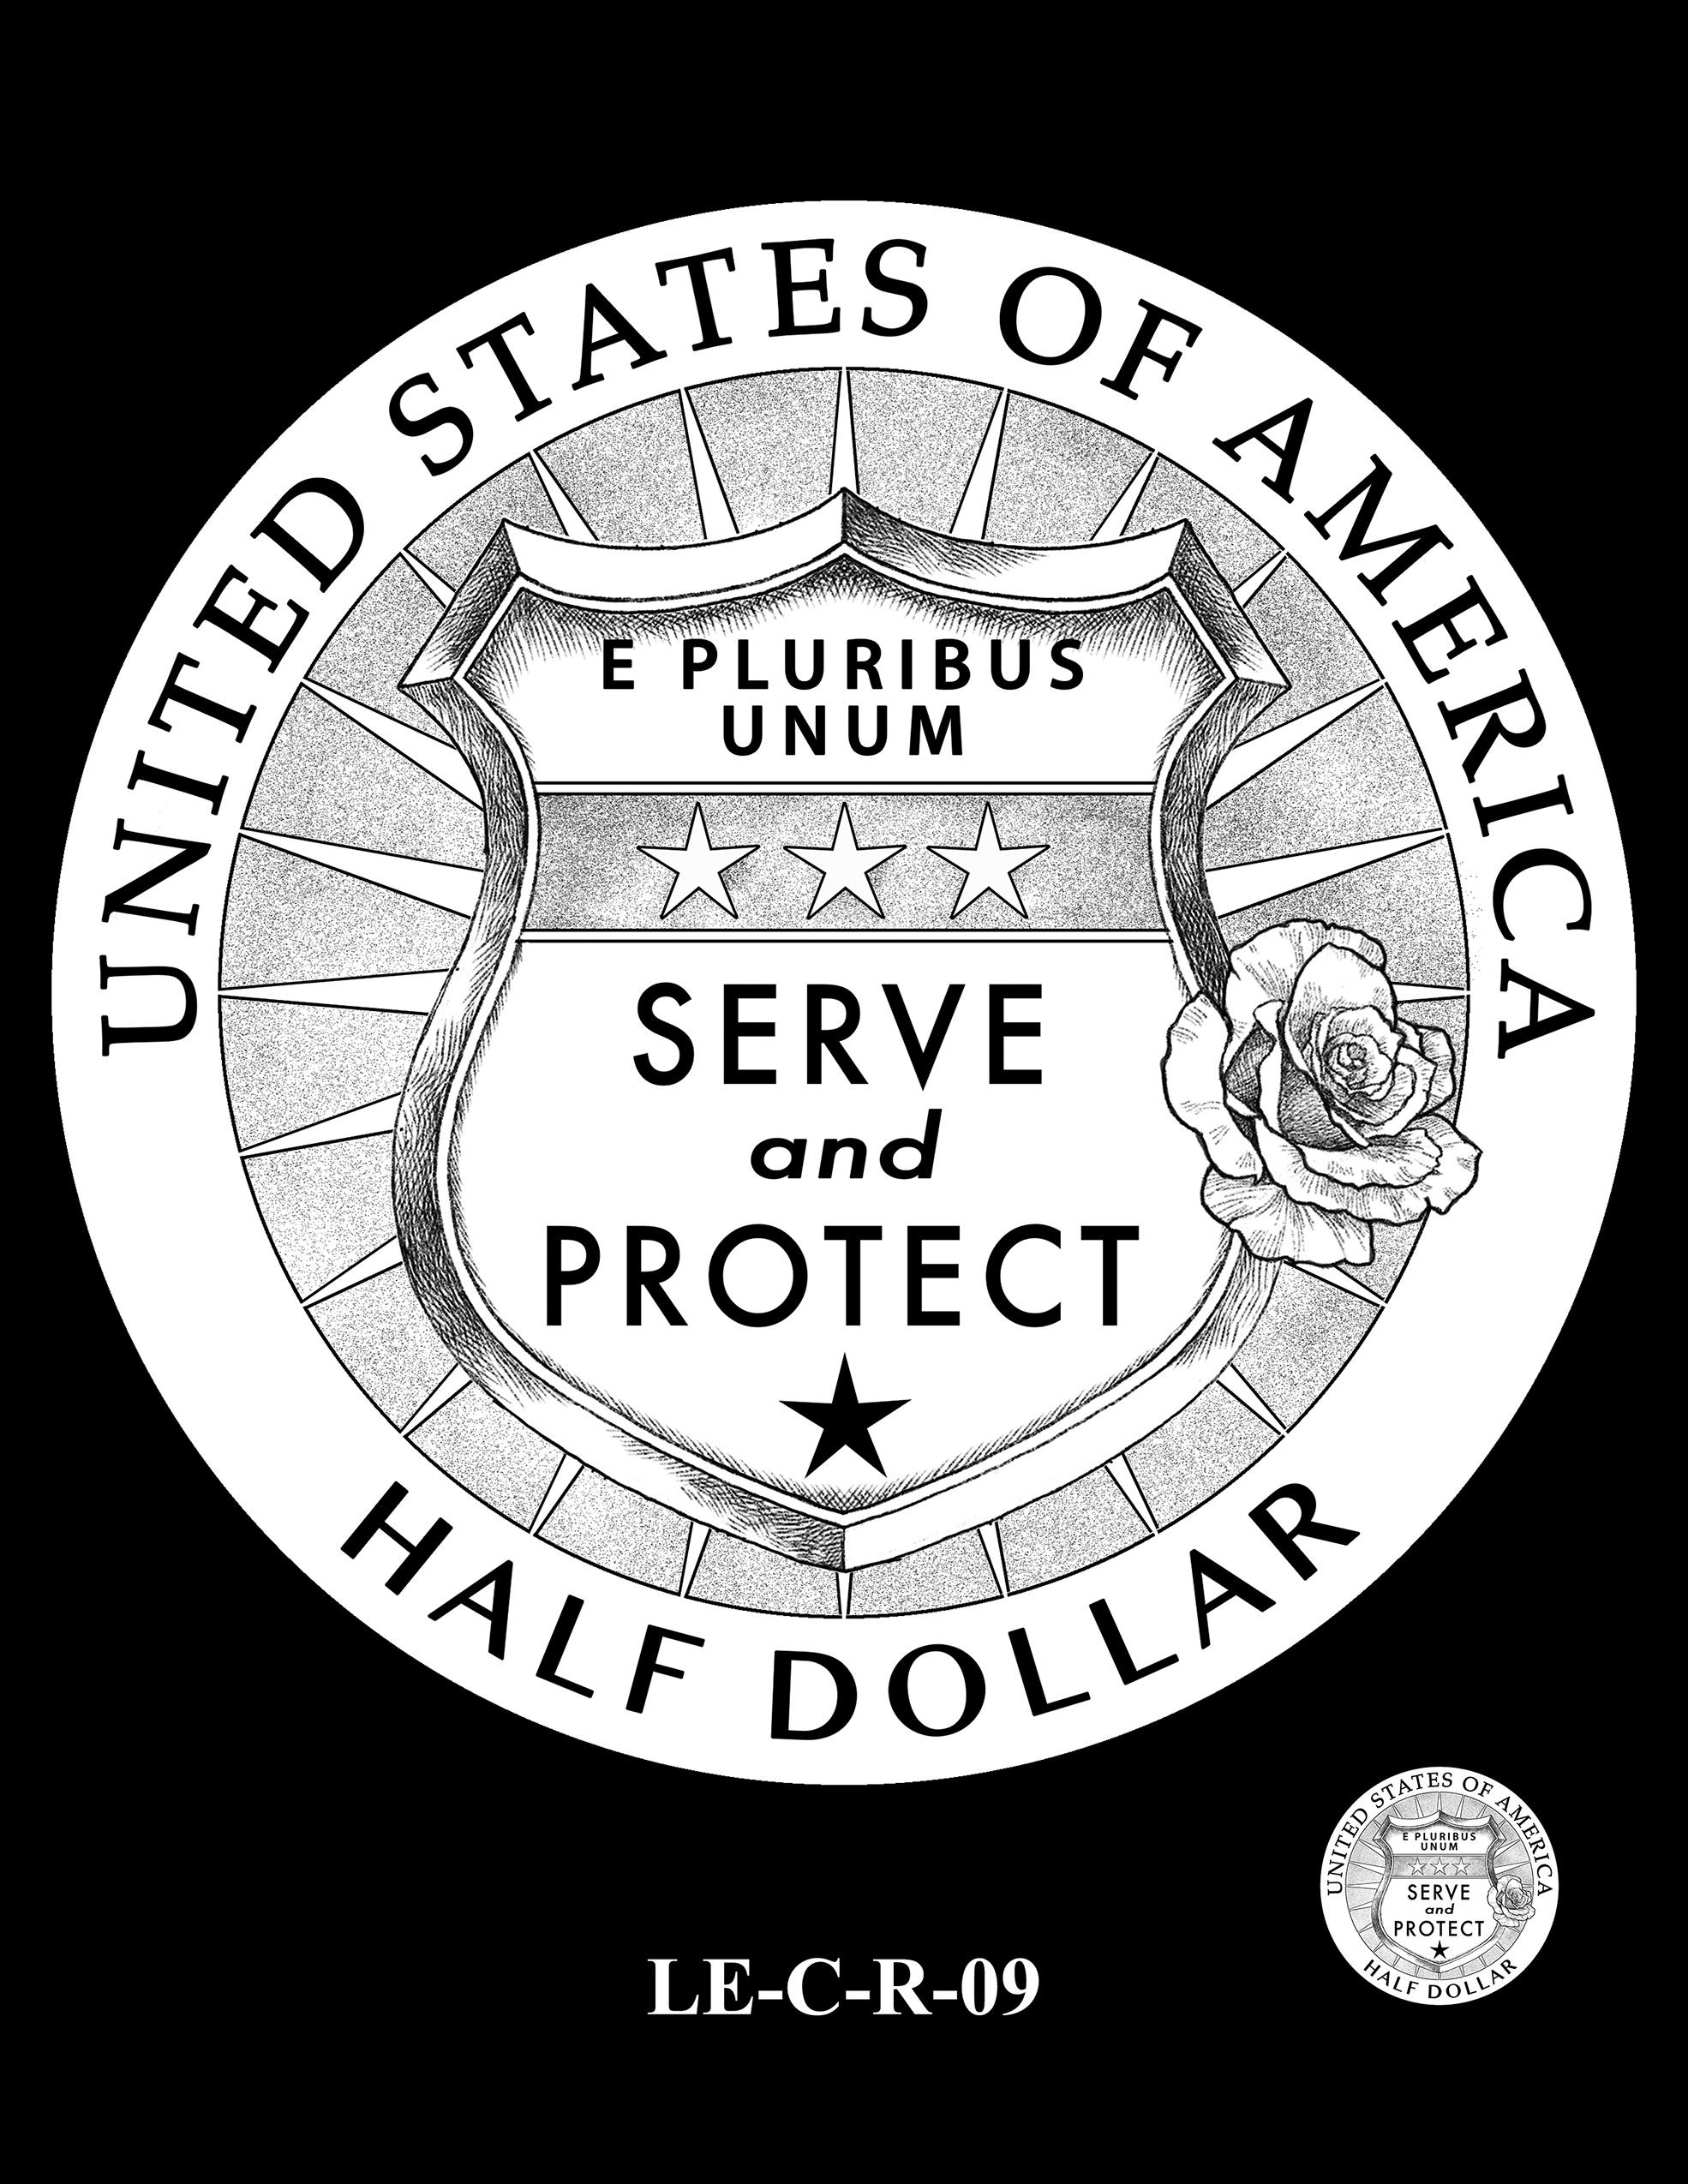 LE-C-R-09 -- National Law Enforcement Museum Commemorative Coin Program